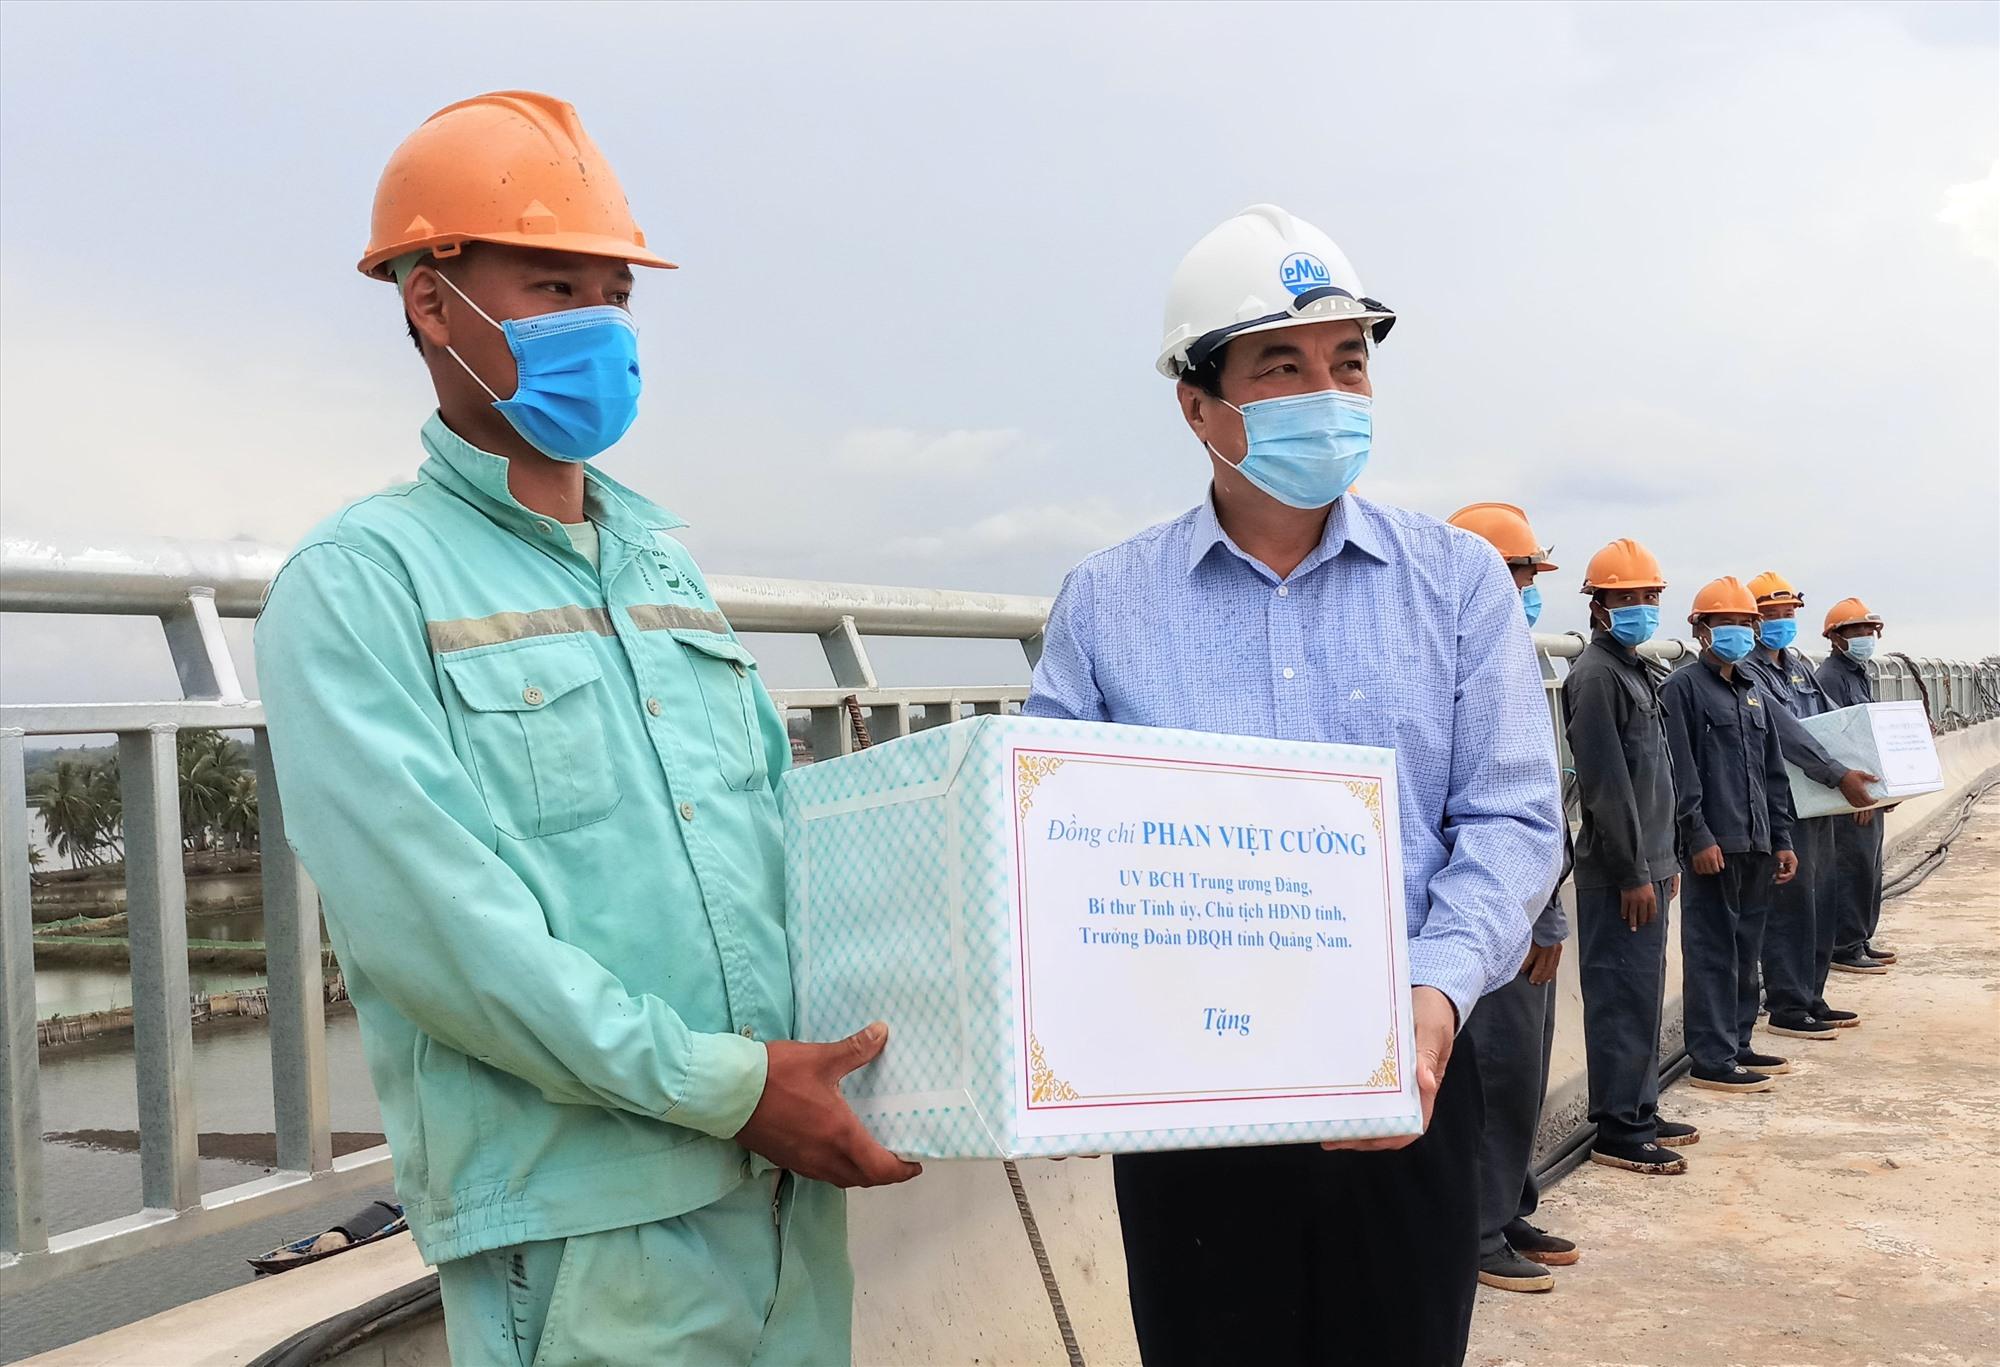 Bí thư Tỉnh ủy Phan Việt Cường tặng quà động viên công nhân thi công dự án trong chuyến kiểm tra vào chiều ngày 12.8 vừa qua. Ảnh: C.T